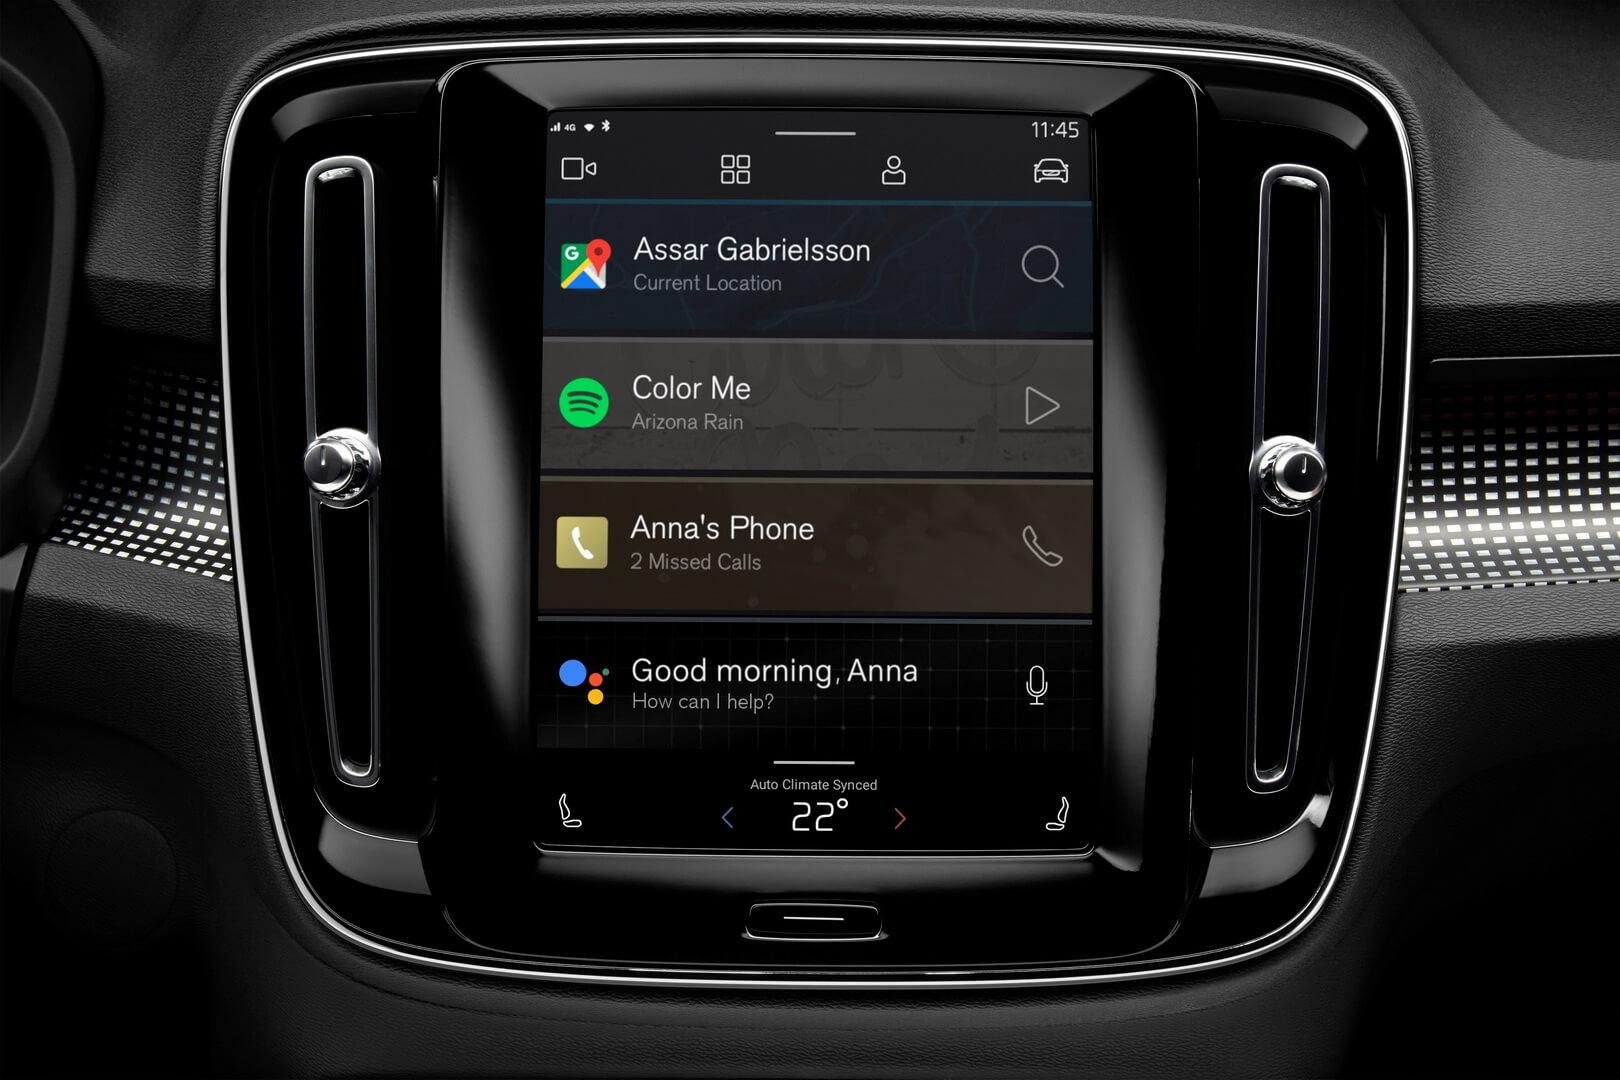 Електрична версія XC40 дебютує з інформаційно-розважальною системою на базі Android